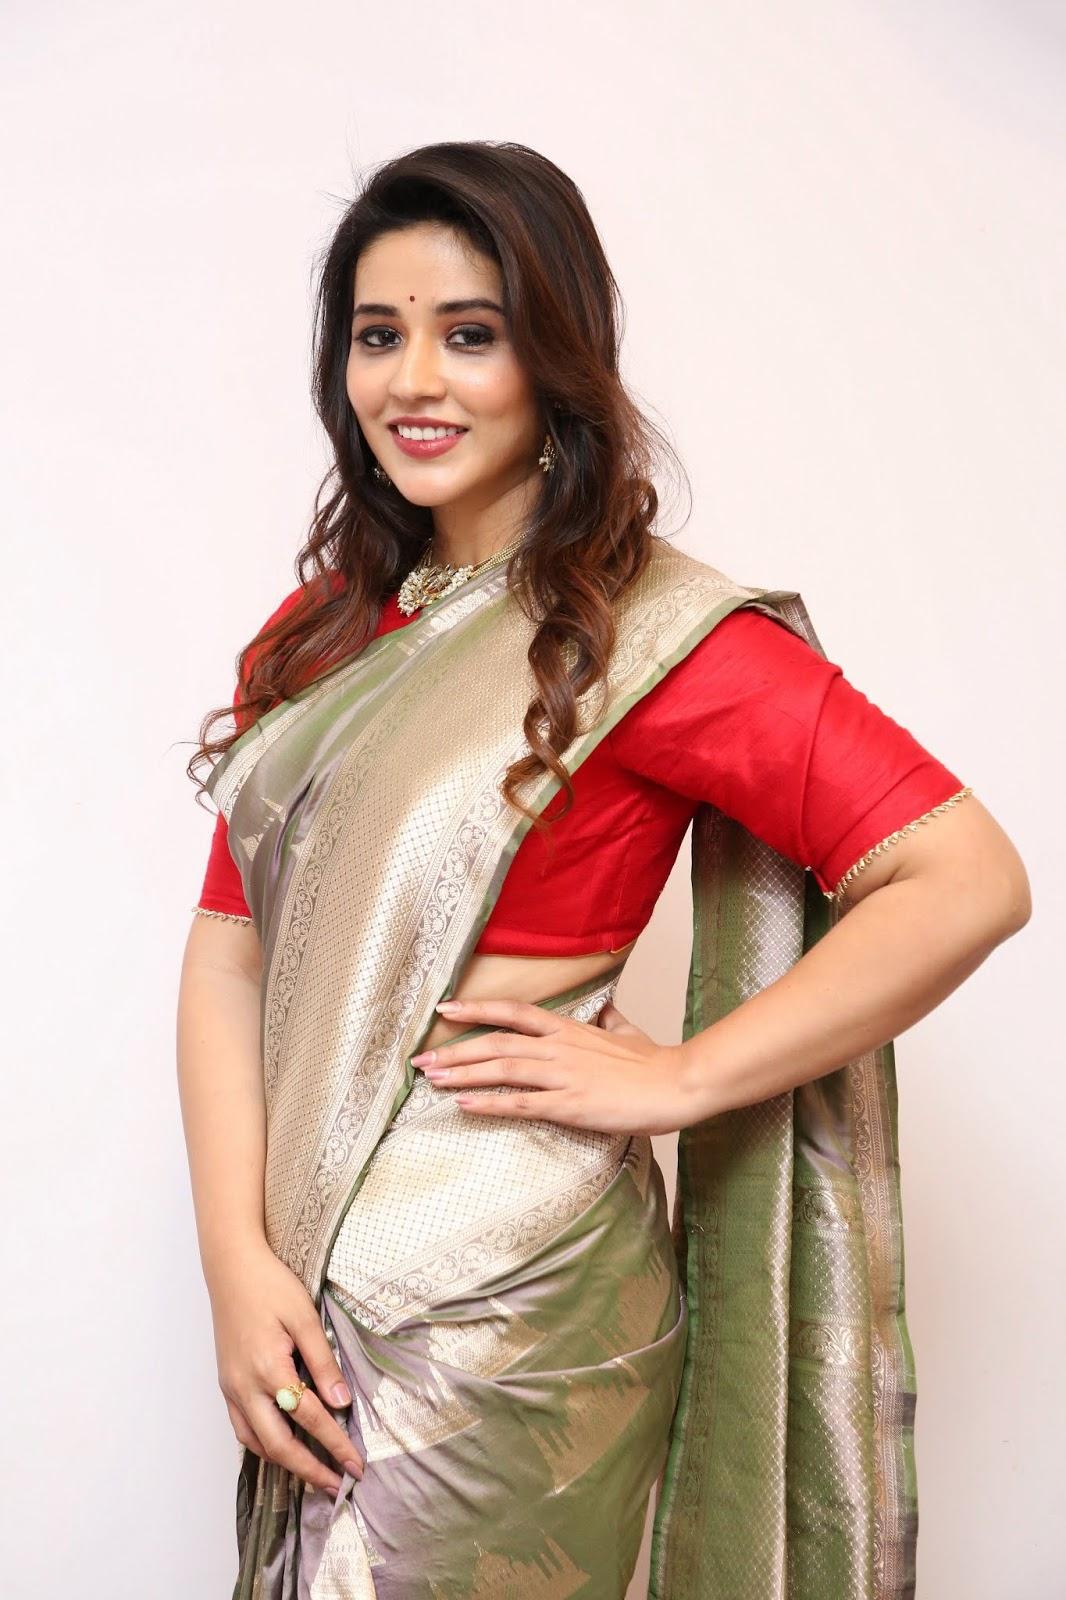 Priyanka Jawalkar Latest Stills In Saree At Kanchipuram GRT Silk Launch